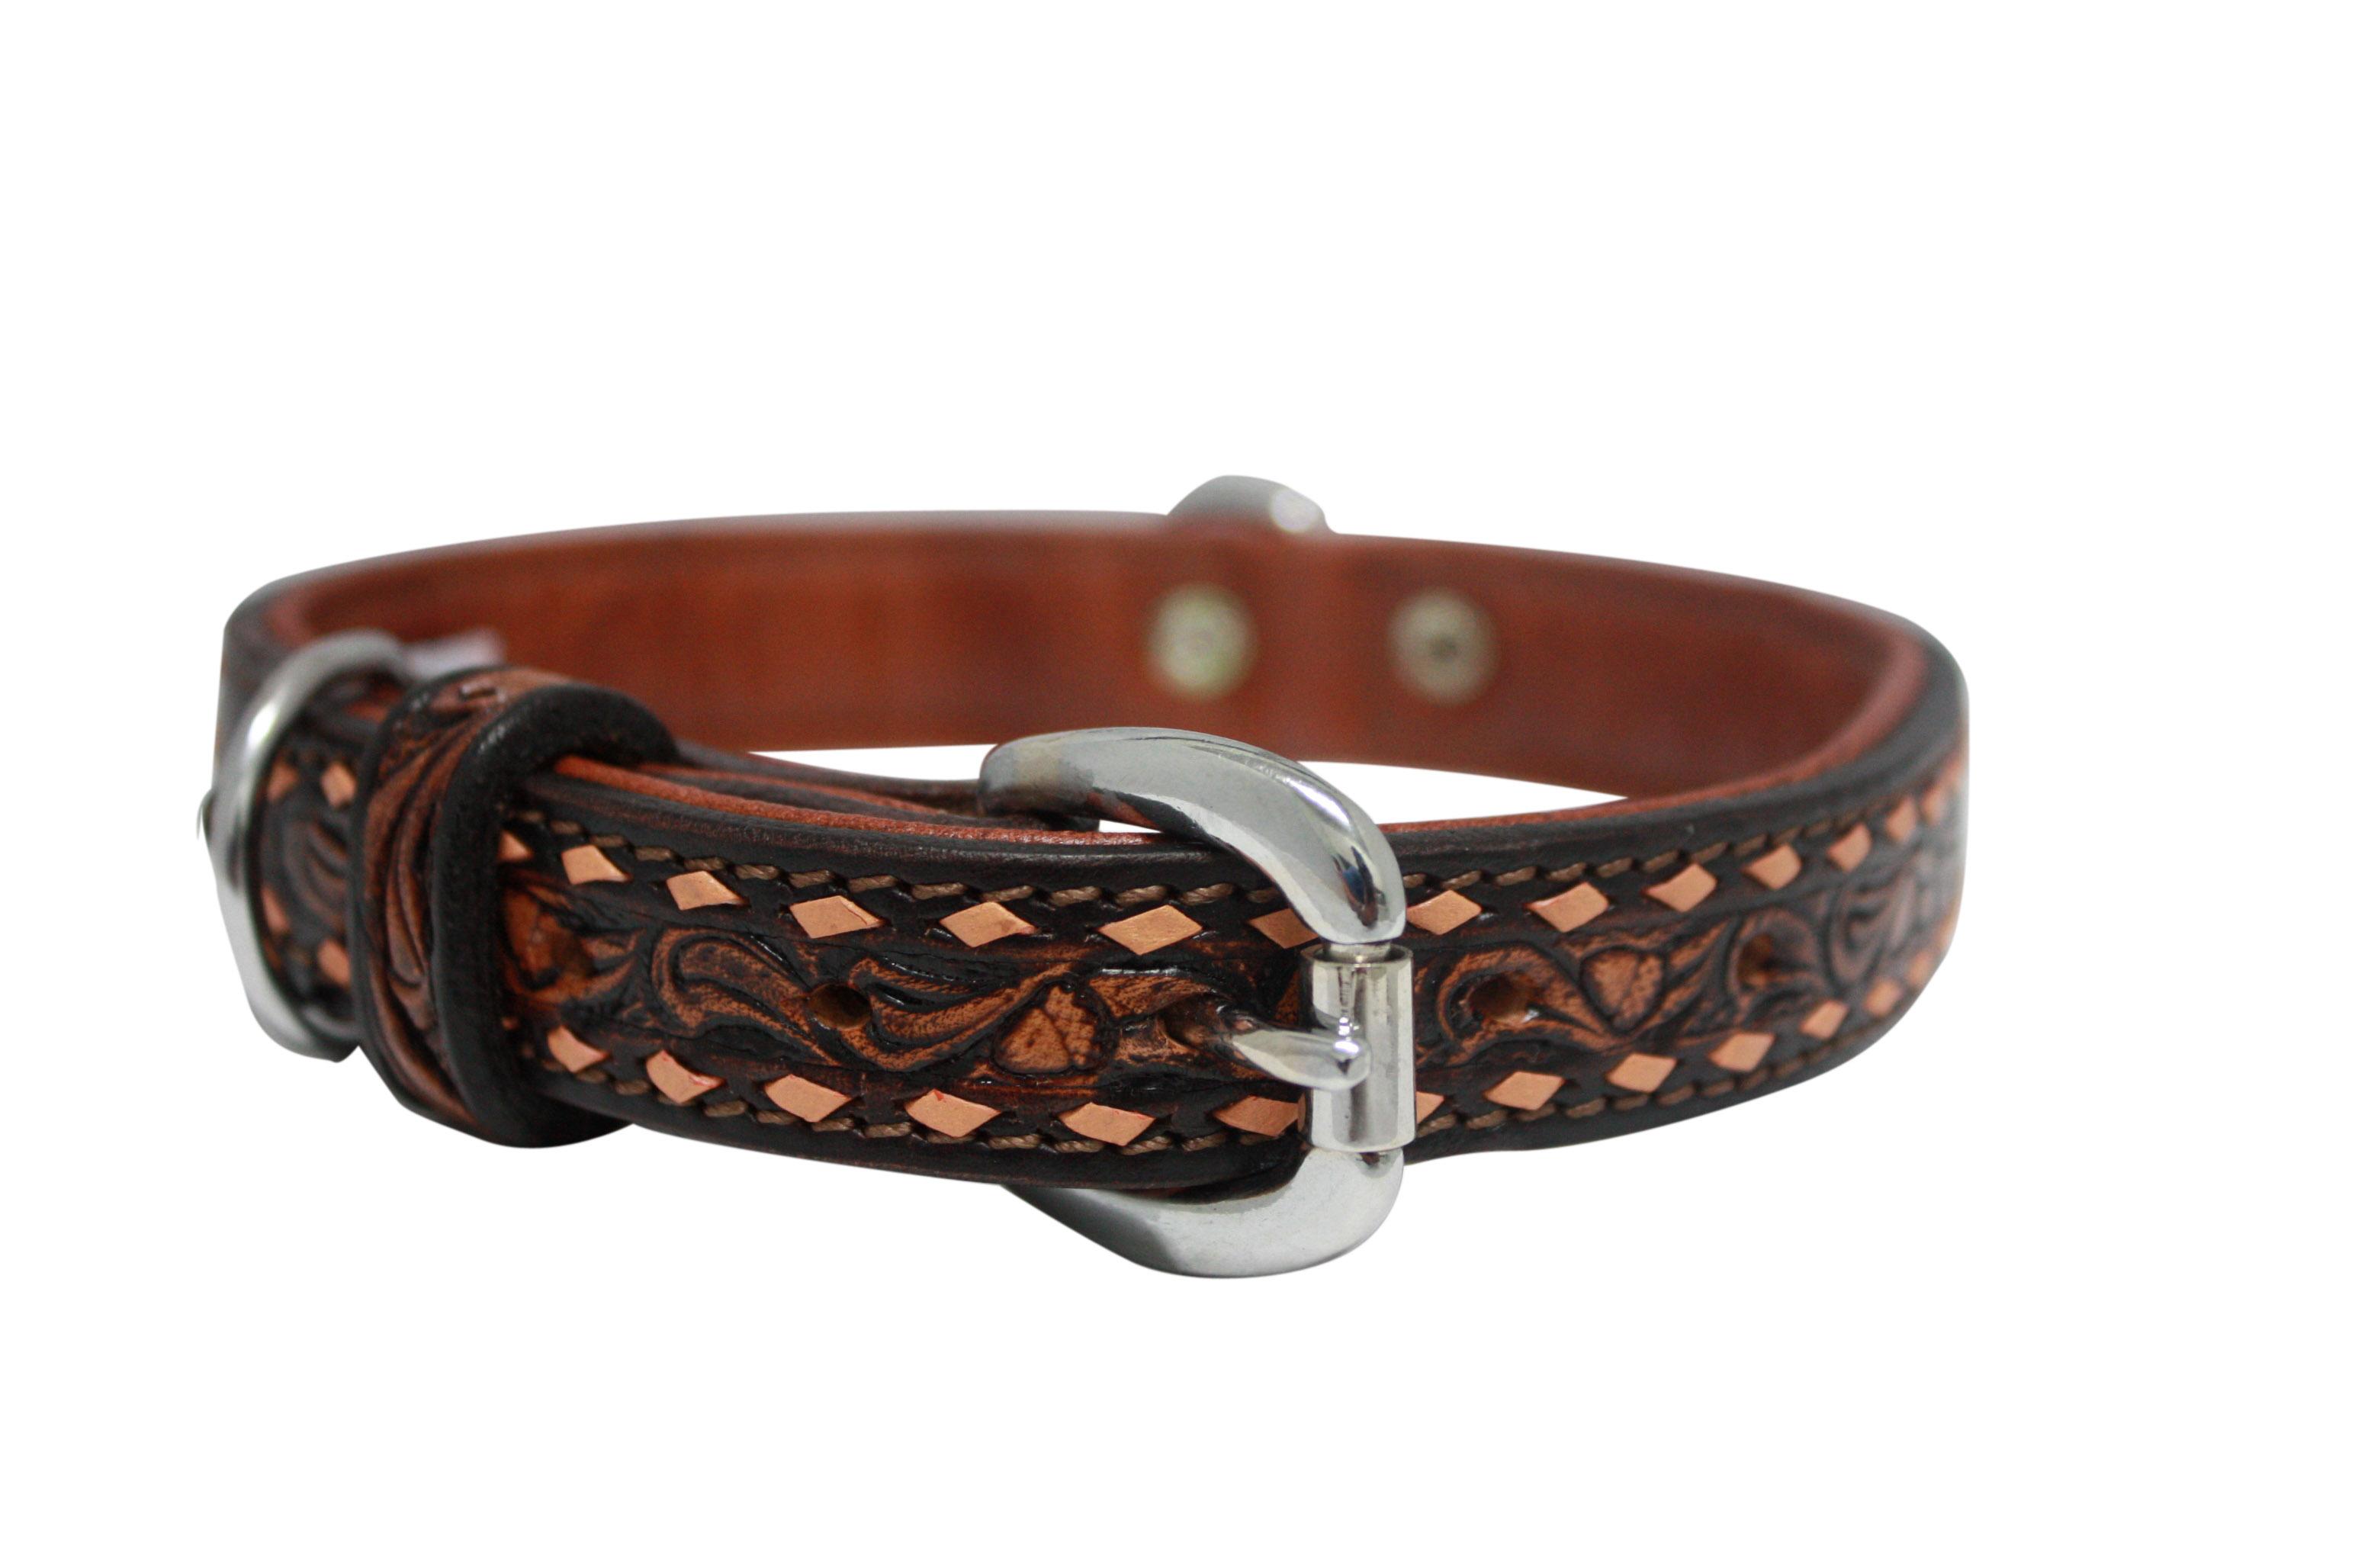 Hot Dog The Tucson - Luxury Leather Dog Collar